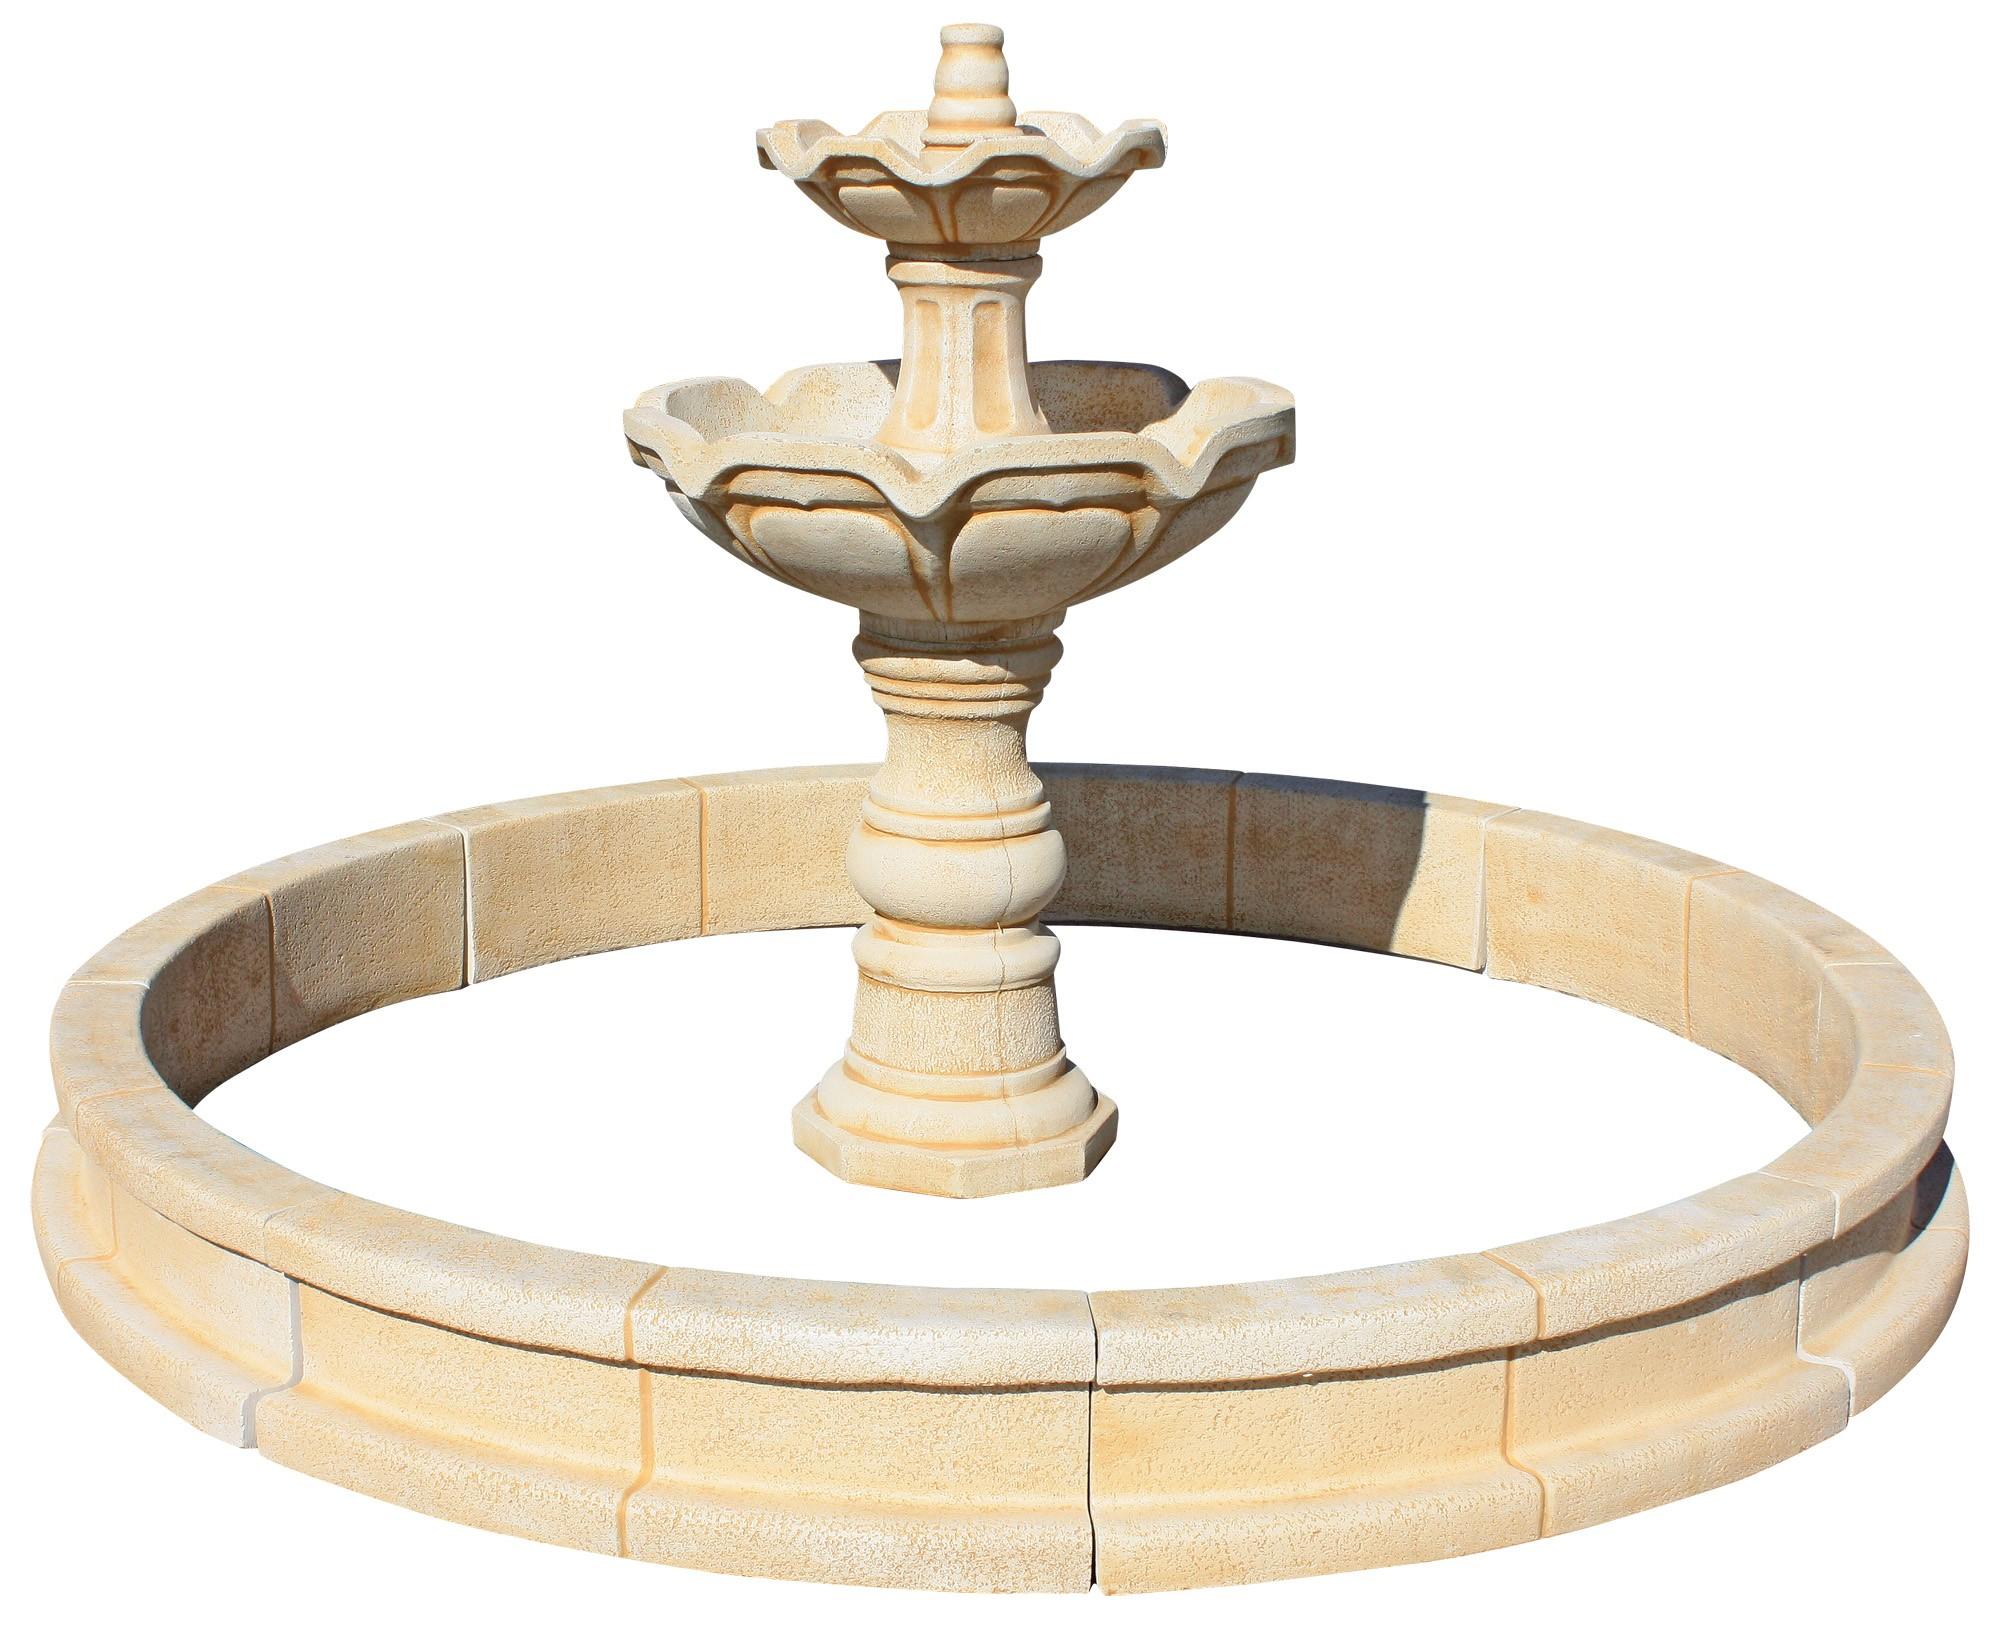 Compra tu fuente de jardin gran treveri por s lo 417 52 - Fuentes de piedra artificial ...